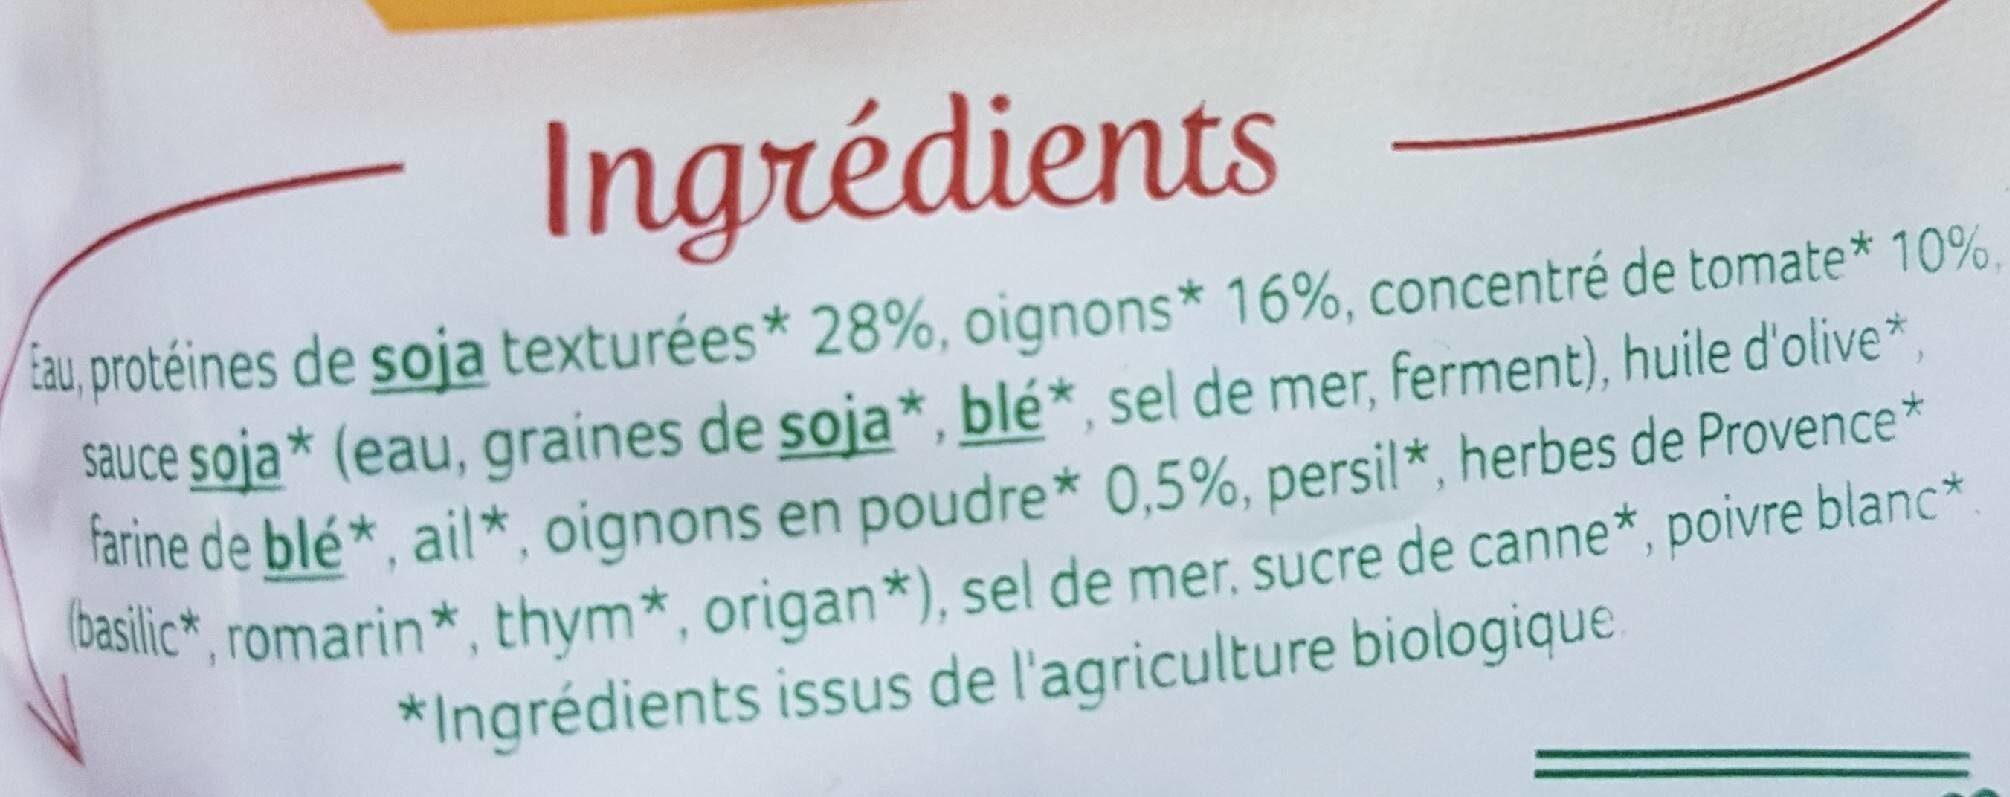 Haché végétal - Ingredients